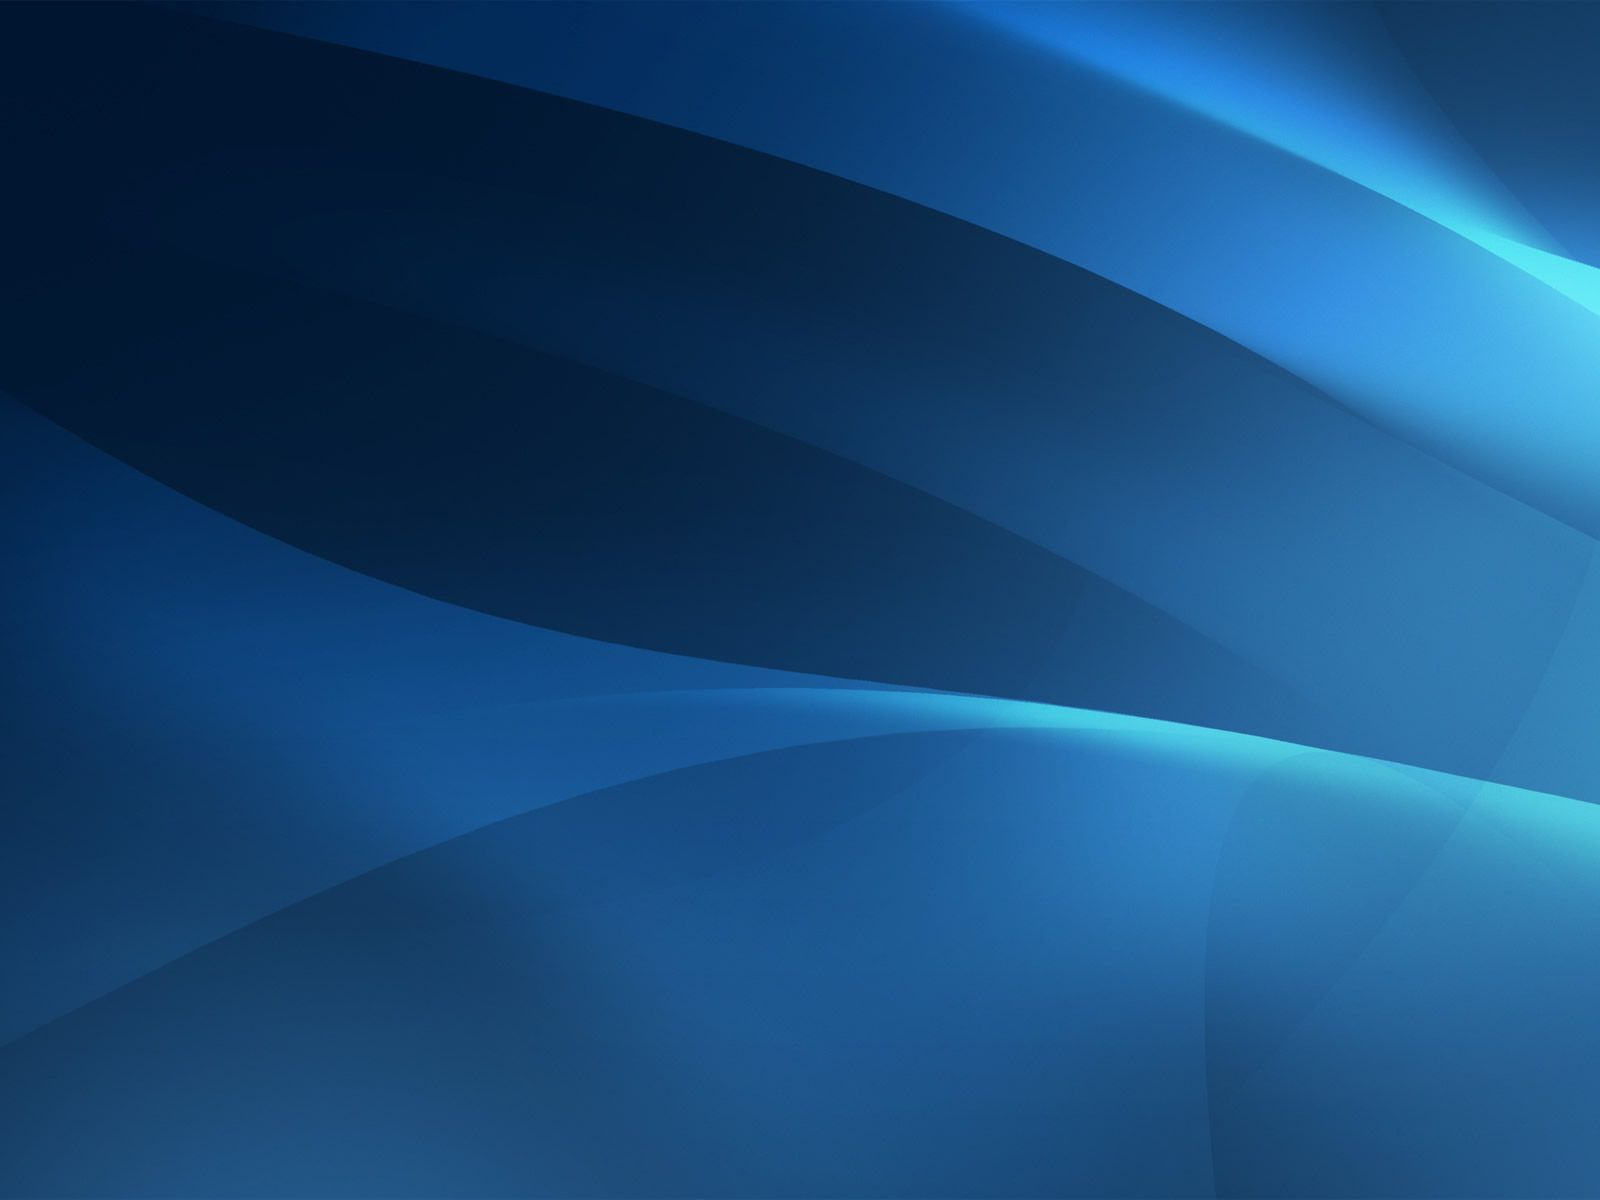 Fondos Abstractos Azules Vector Para Fondo Celular En Hd 20 Hd